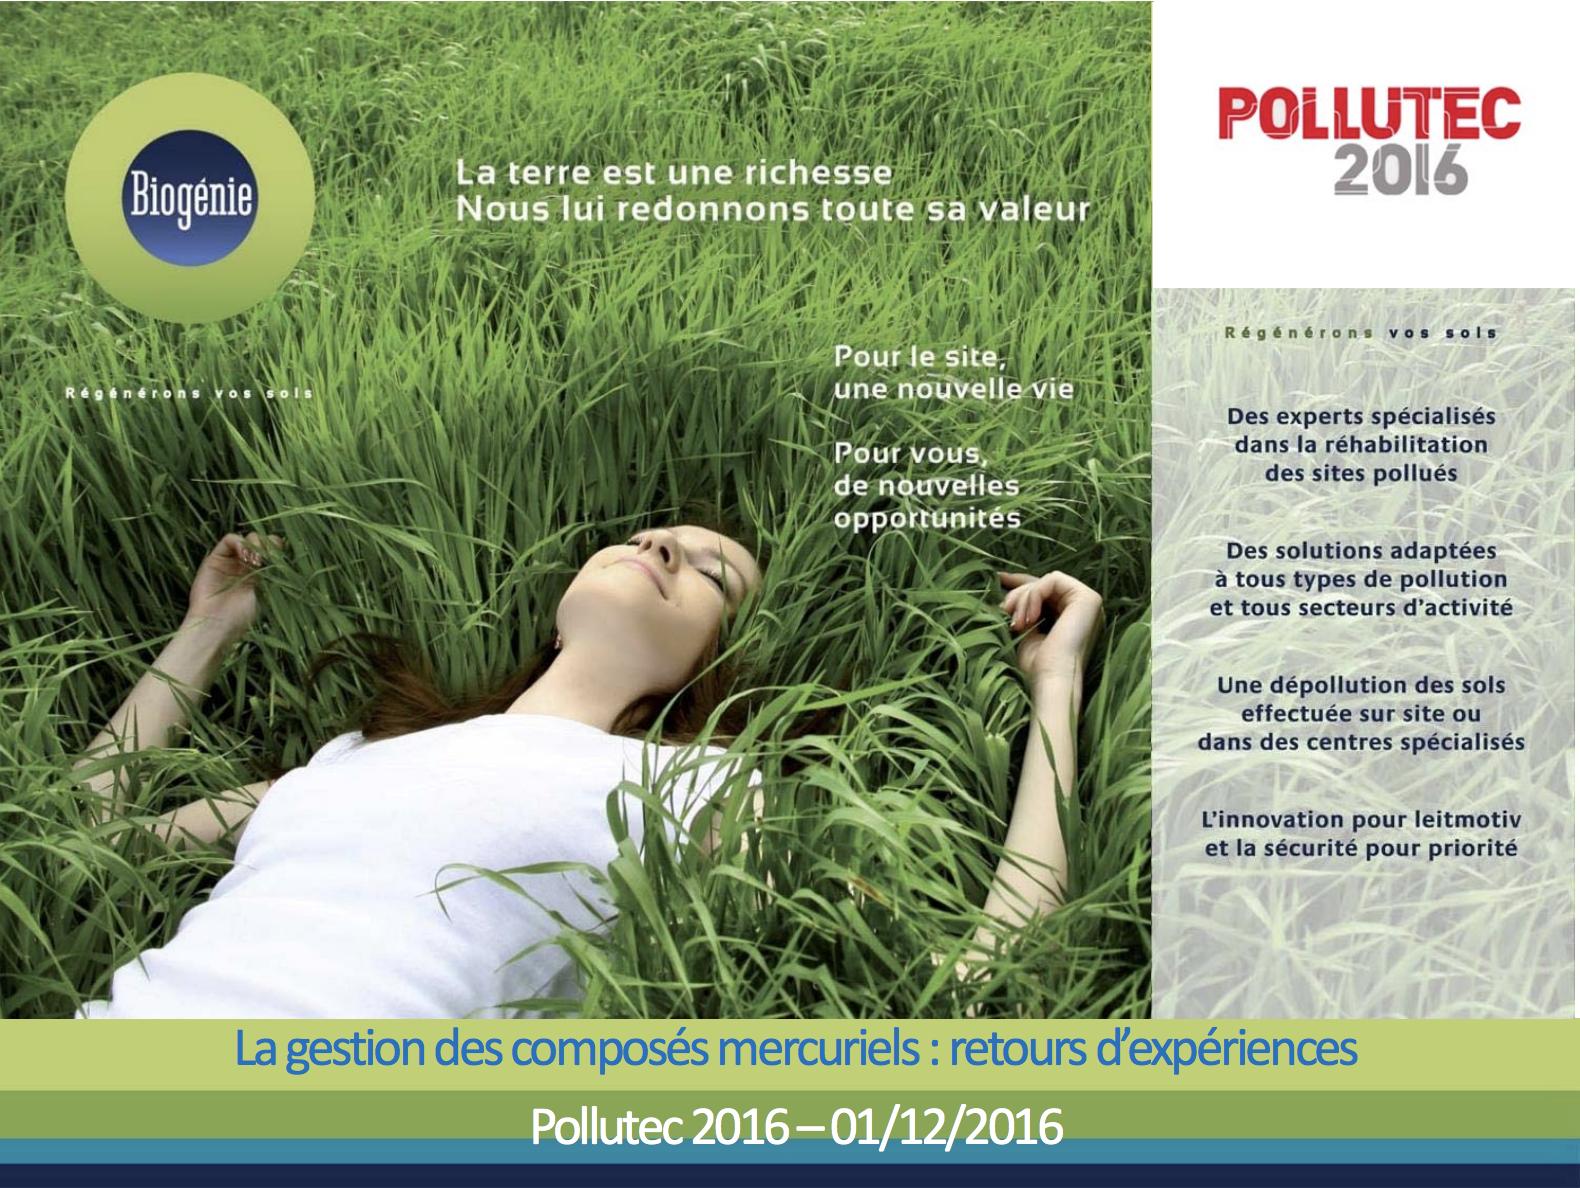 La gestion des sites pollués par des composés mercuriels: retours d'expériences - BIOGÉNIE - 2016